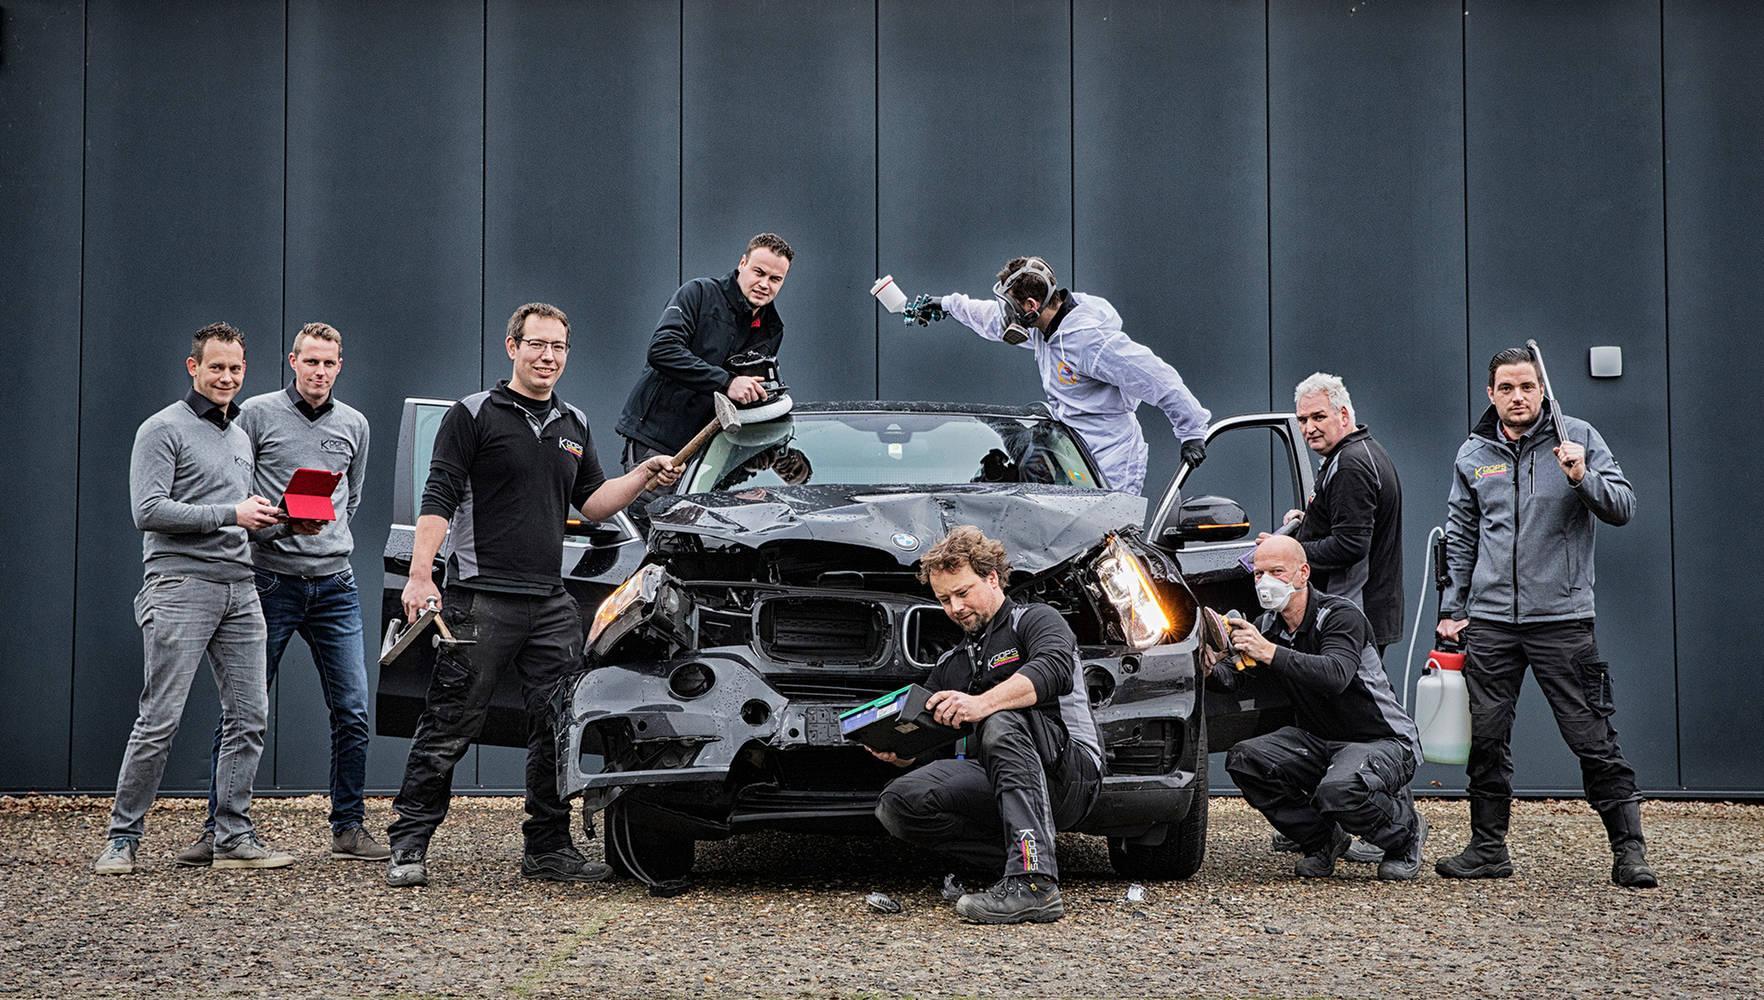 Koops autoschade in Borger: dé autoschade herstel specialist van het Noorden